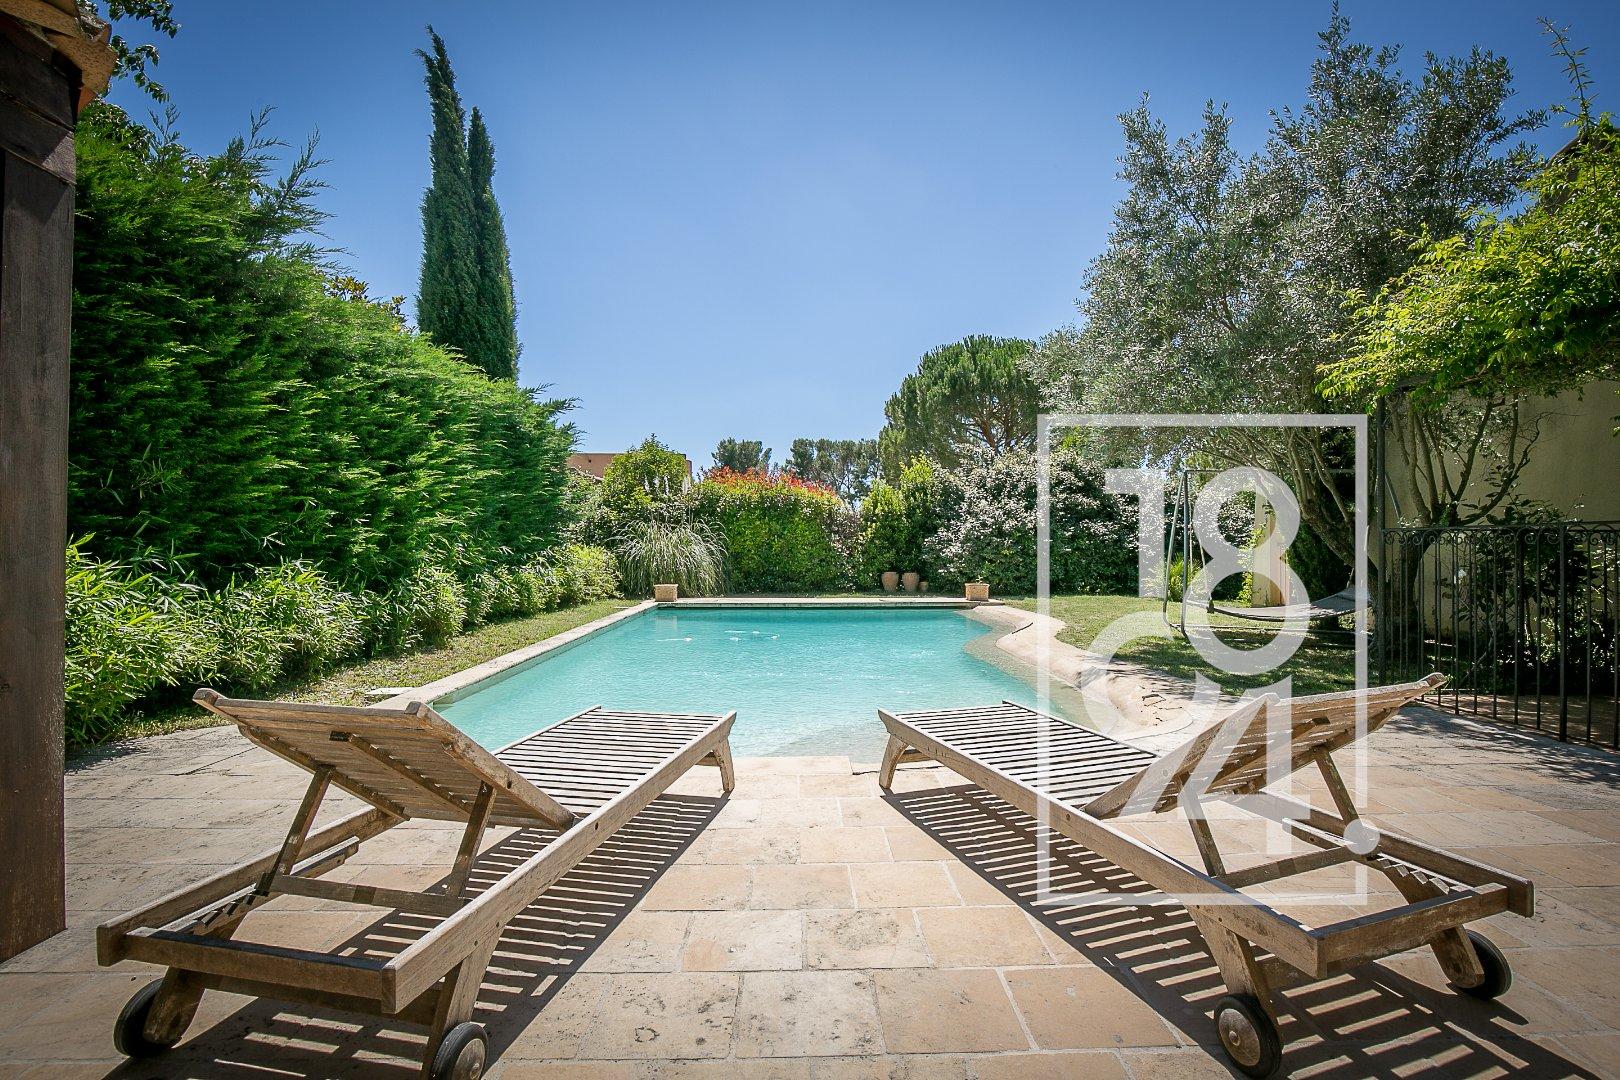 Maison 7 pièces, 147m2 avec jardin et piscine à Luynes